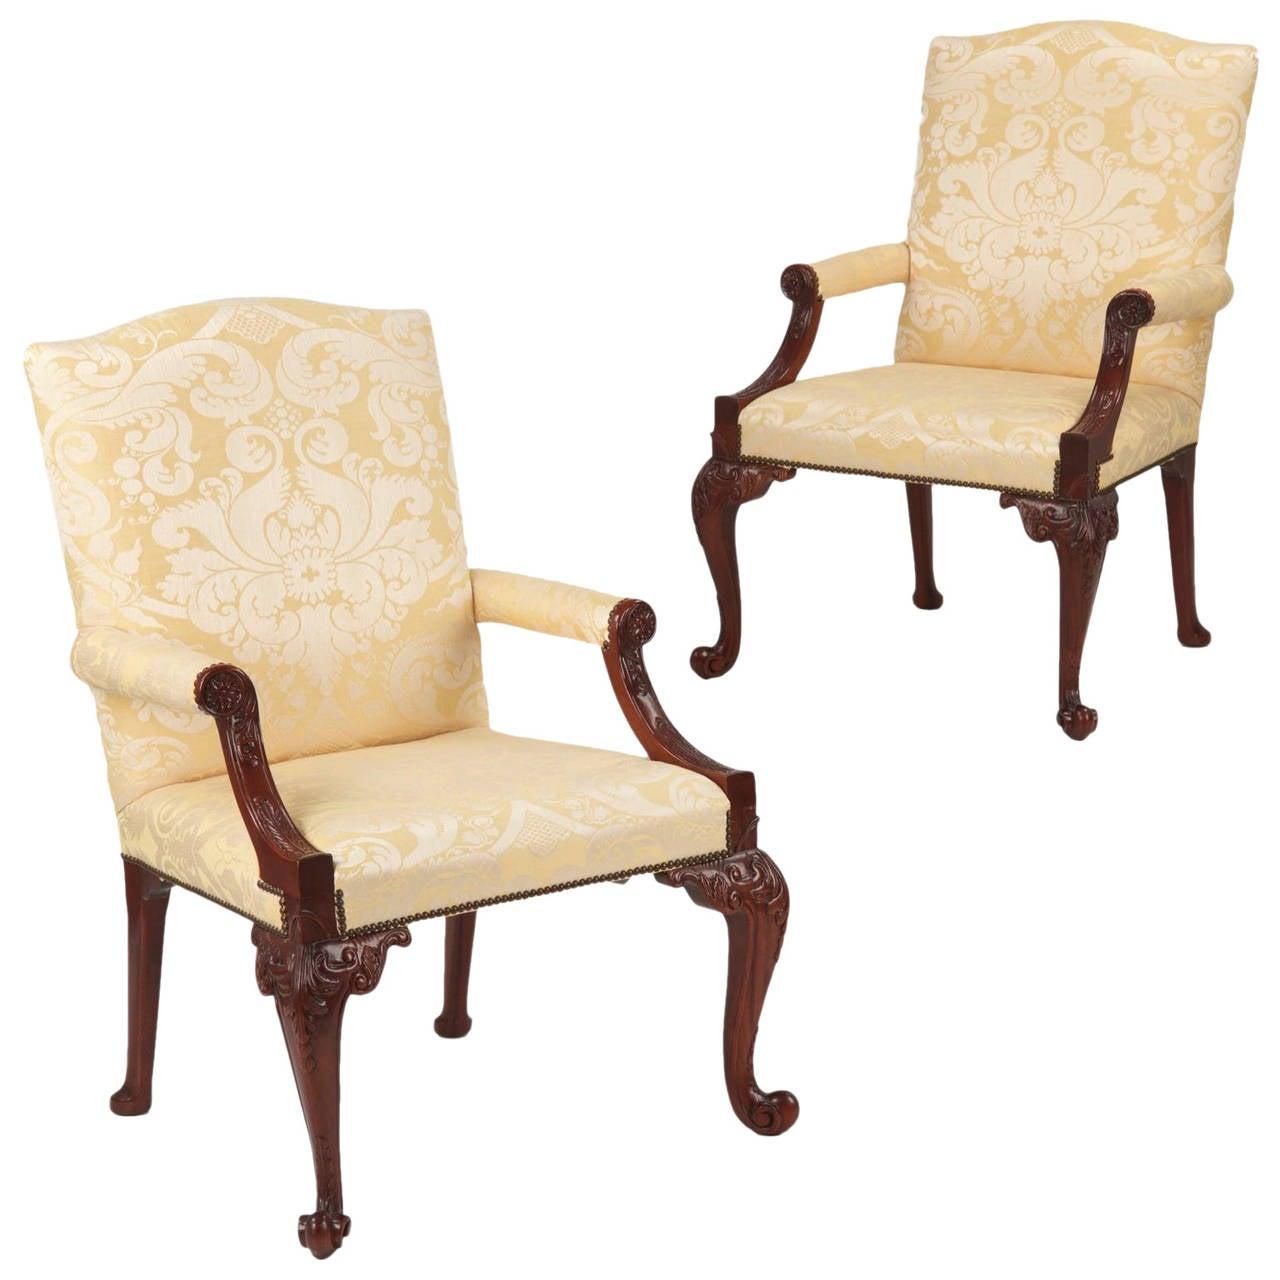 odds and ends baker furniture. Black Bedroom Furniture Sets. Home Design Ideas